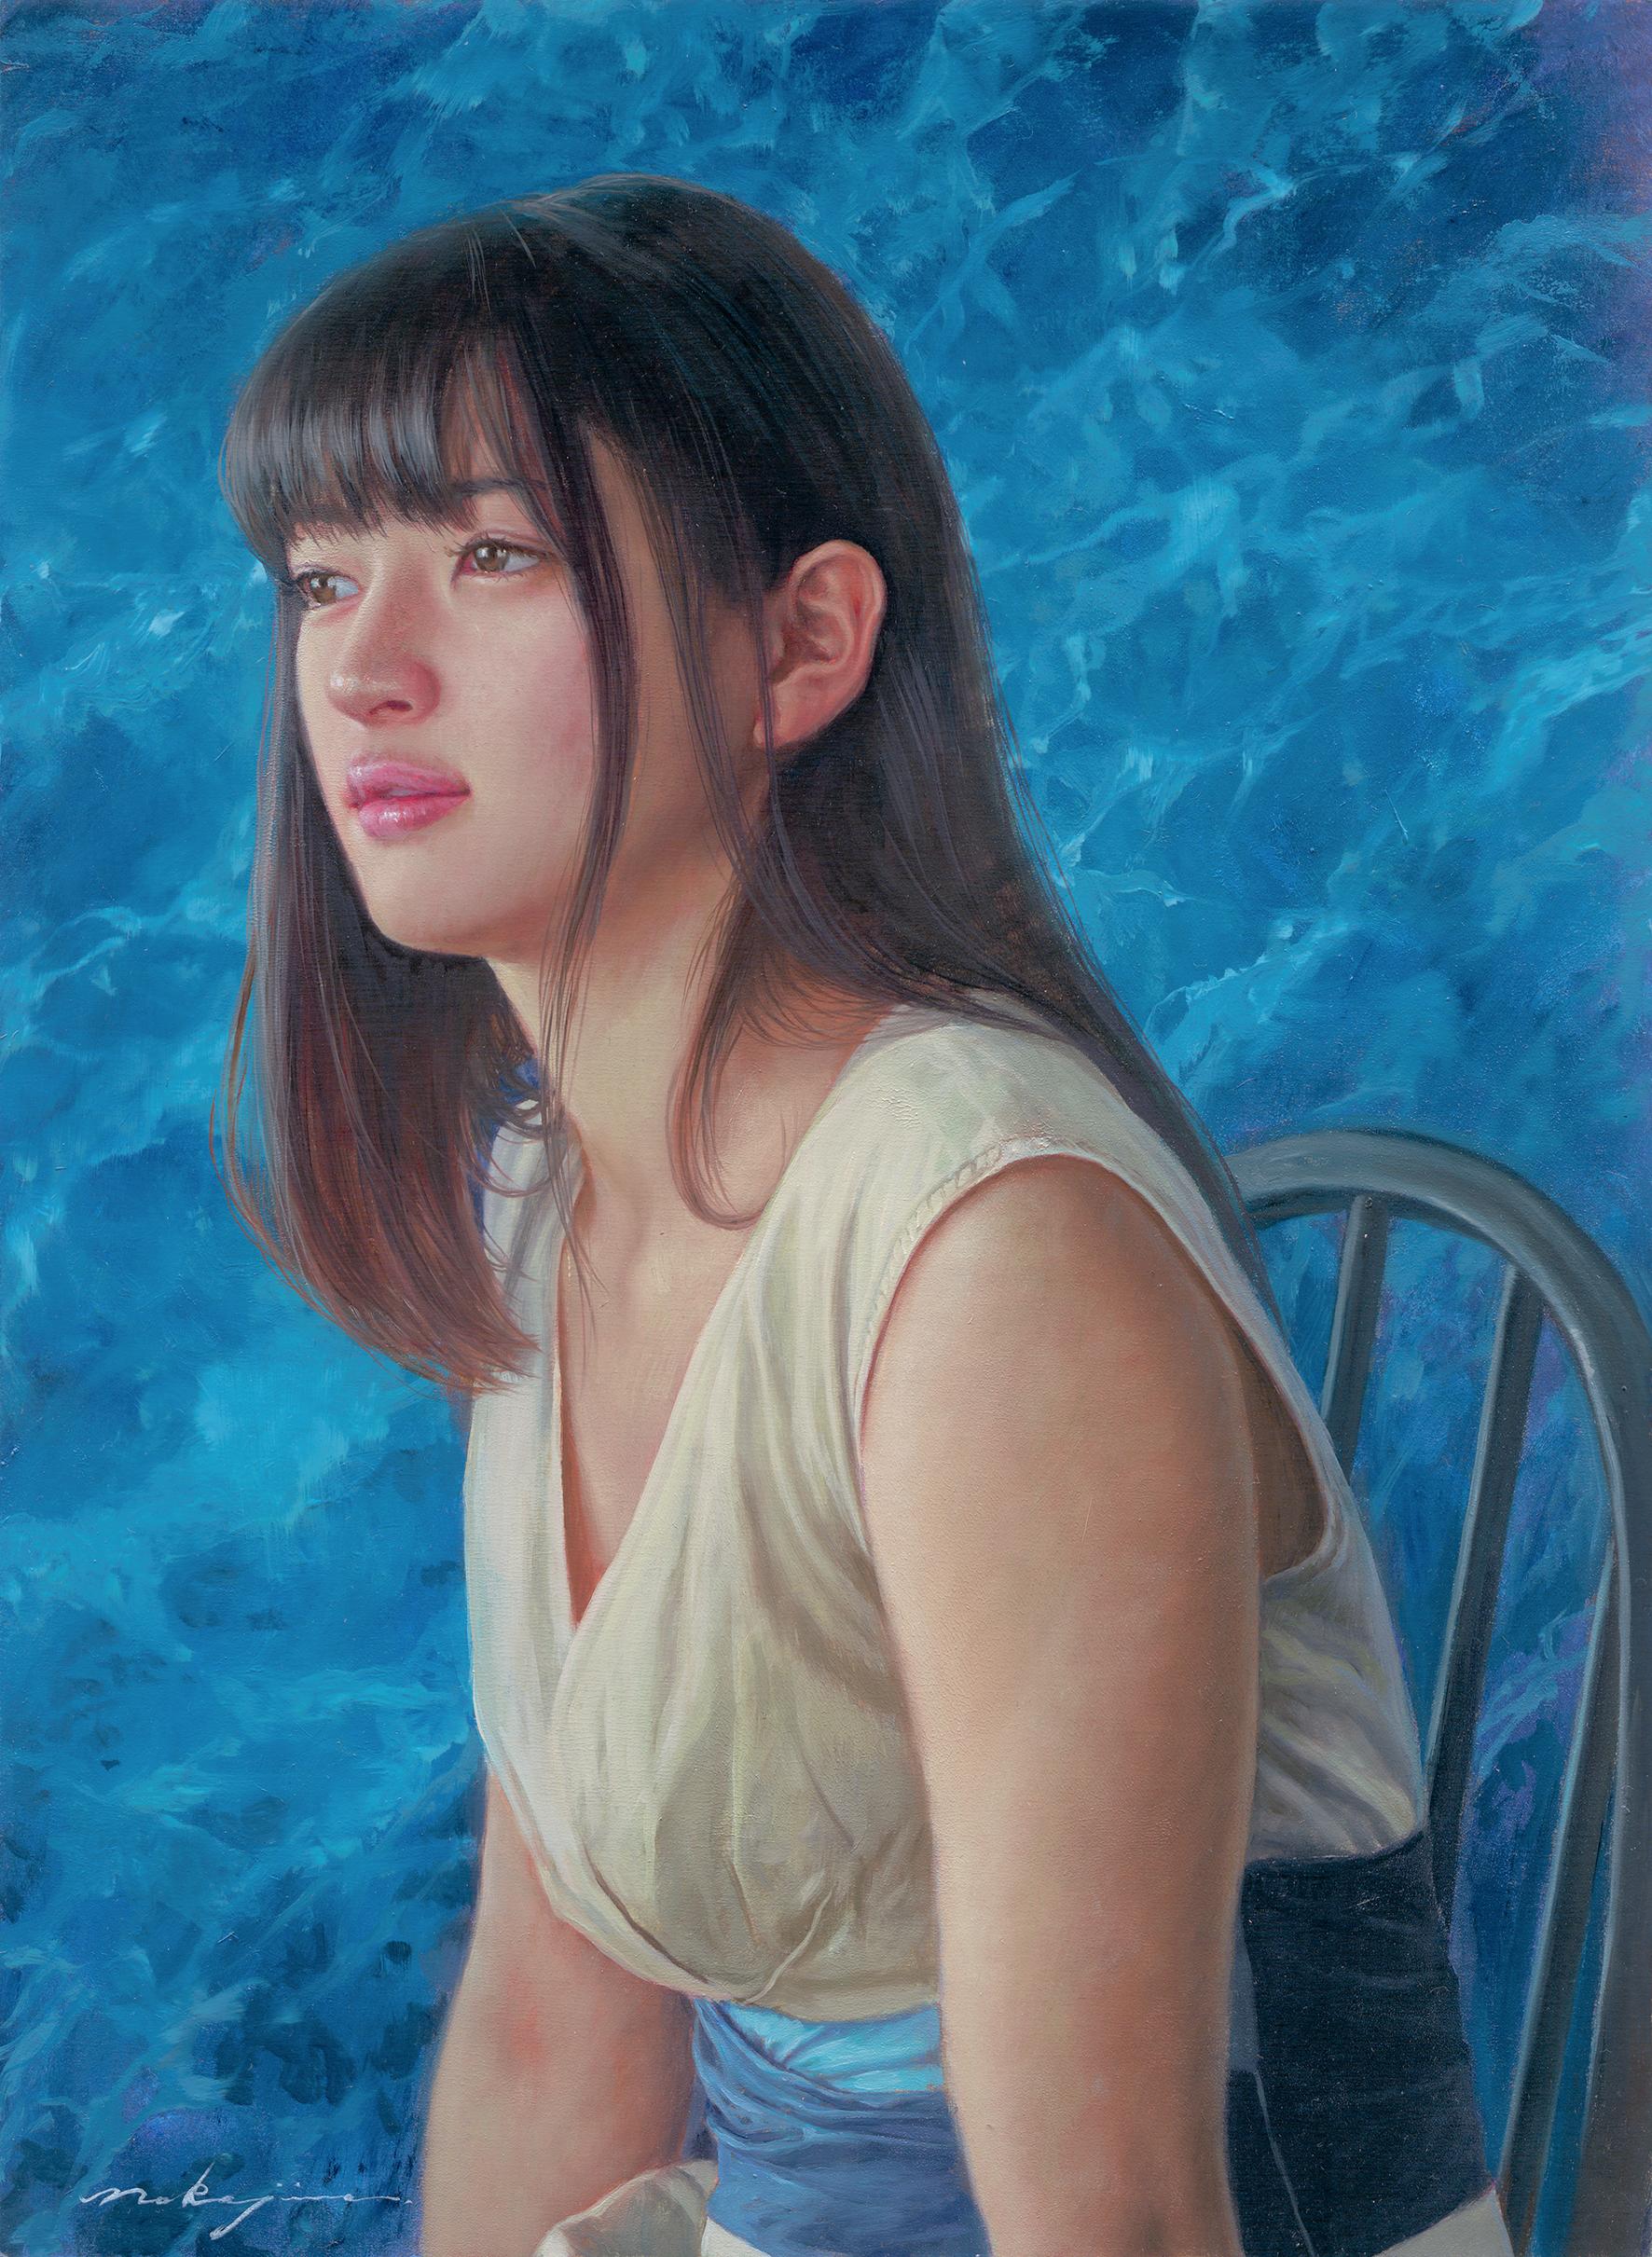 「marble×marble -blue ocean-」原画作品(1点もの)8号p